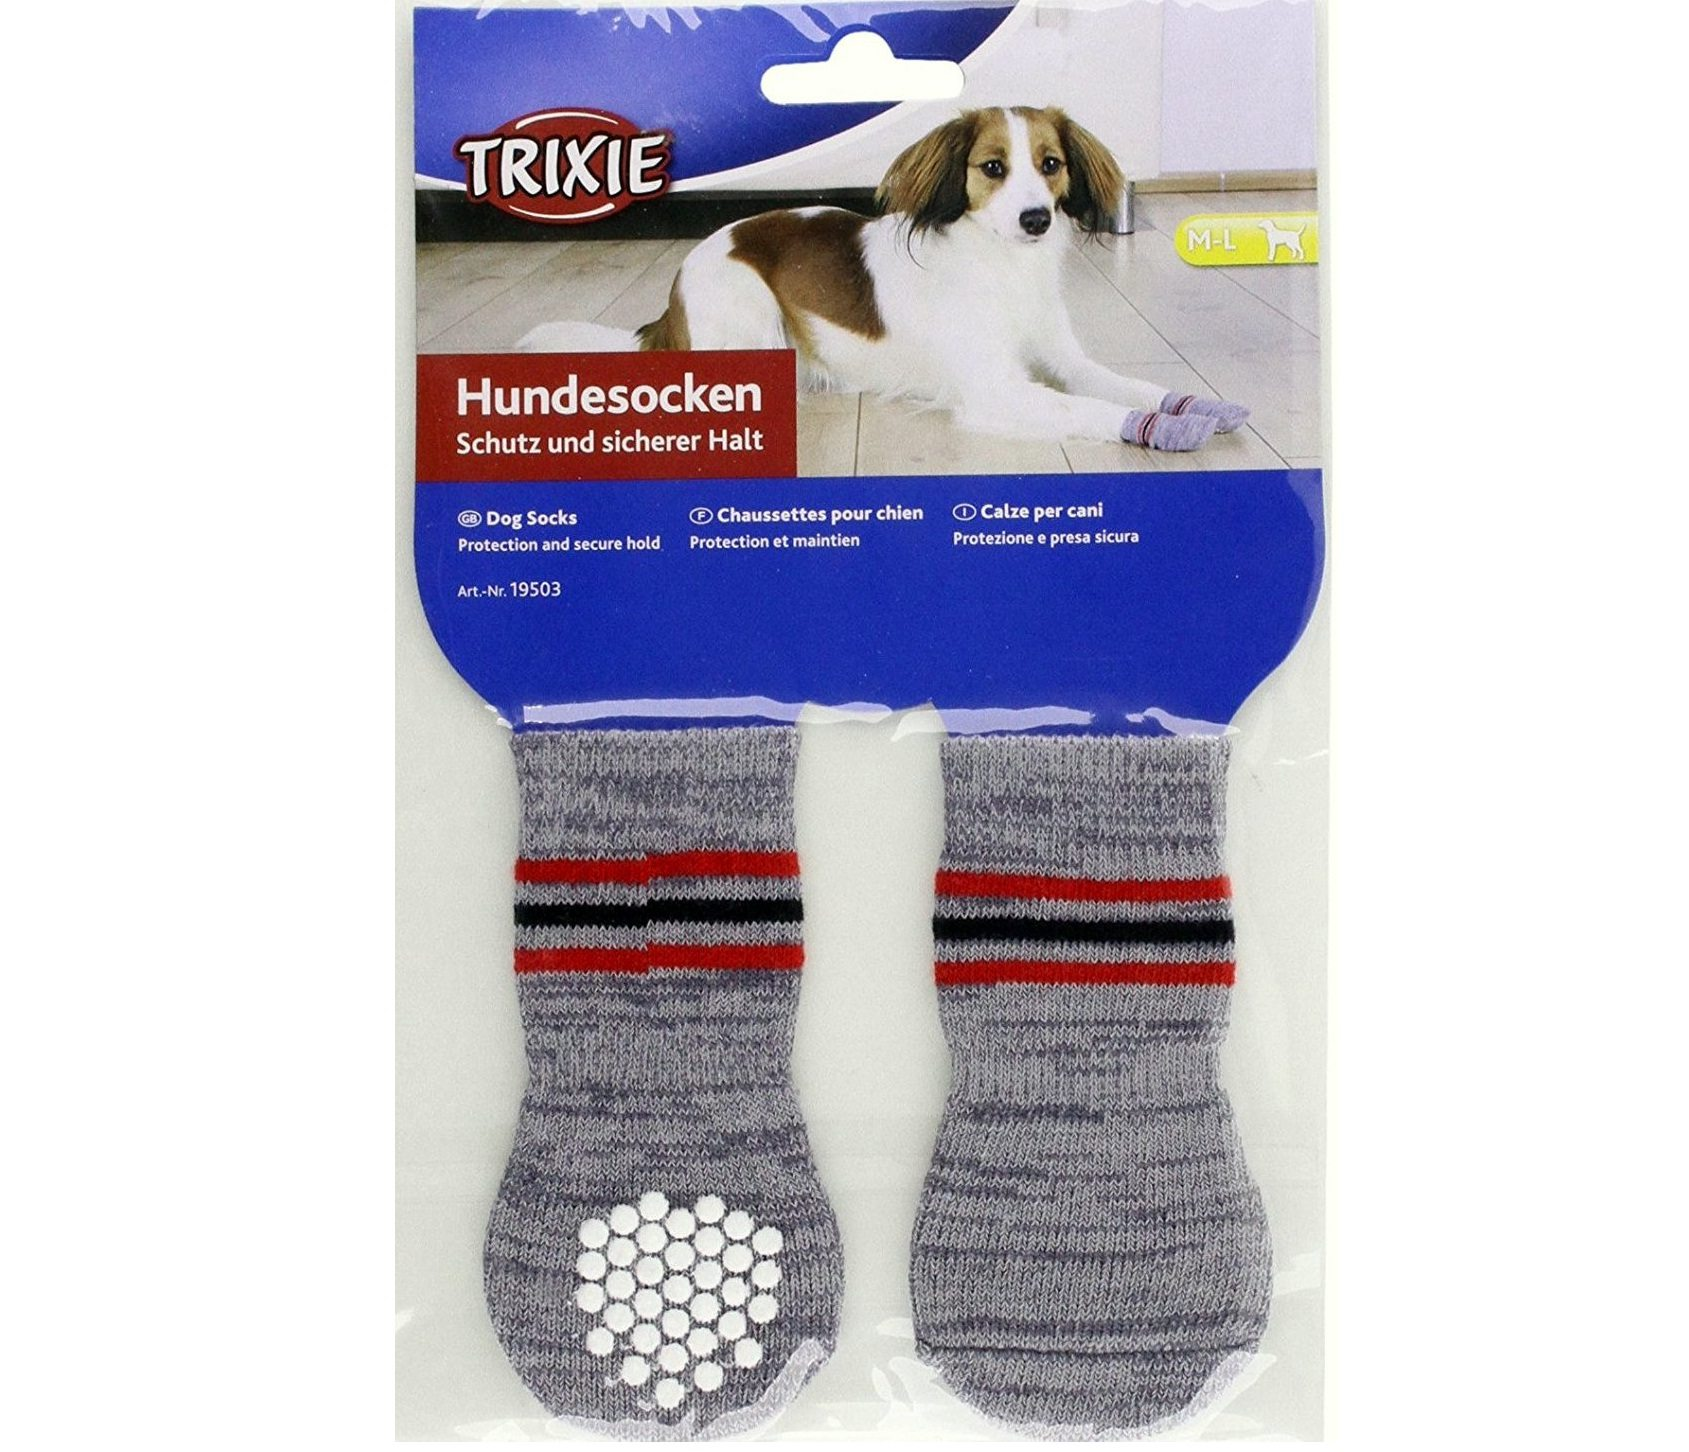 trixie dog socks